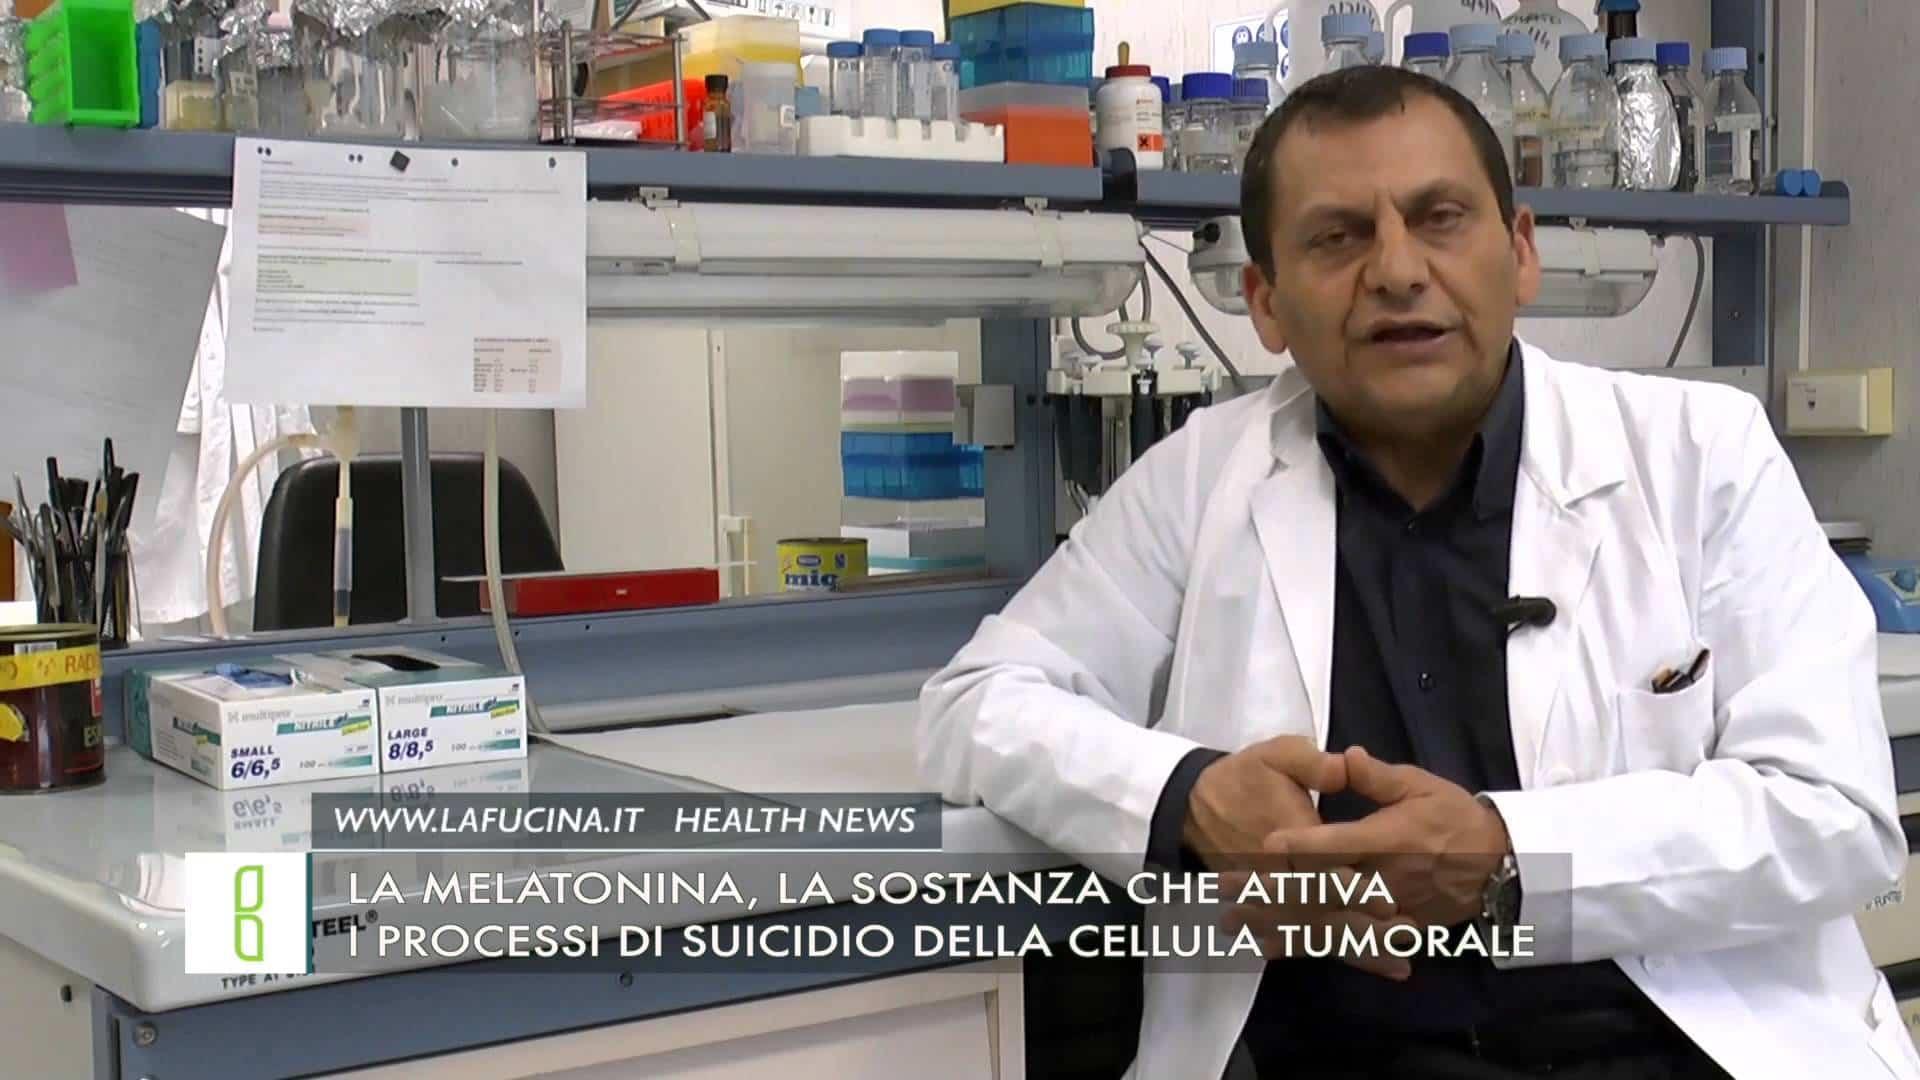 """La Melatonina fa""""suicidare""""le cellule tumorali.Ecco dove si trova"""